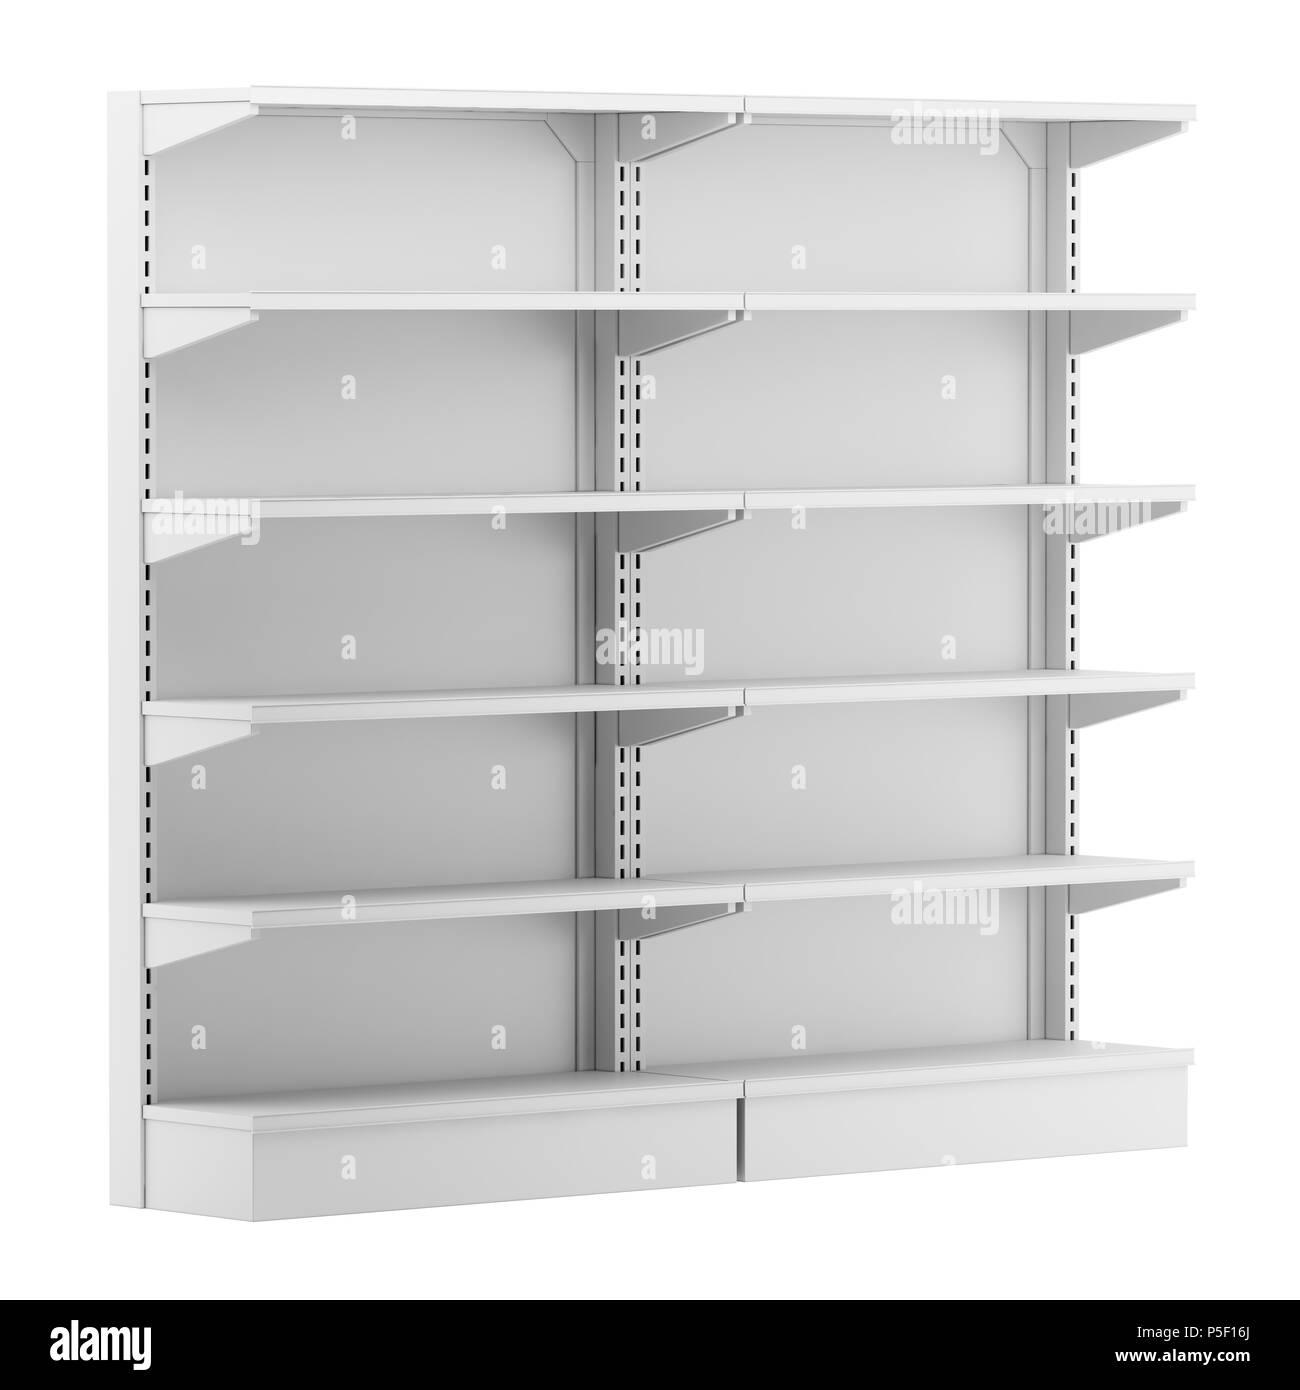 empty supermarket shelves isolated on white background. 3d illustration Stock Photo